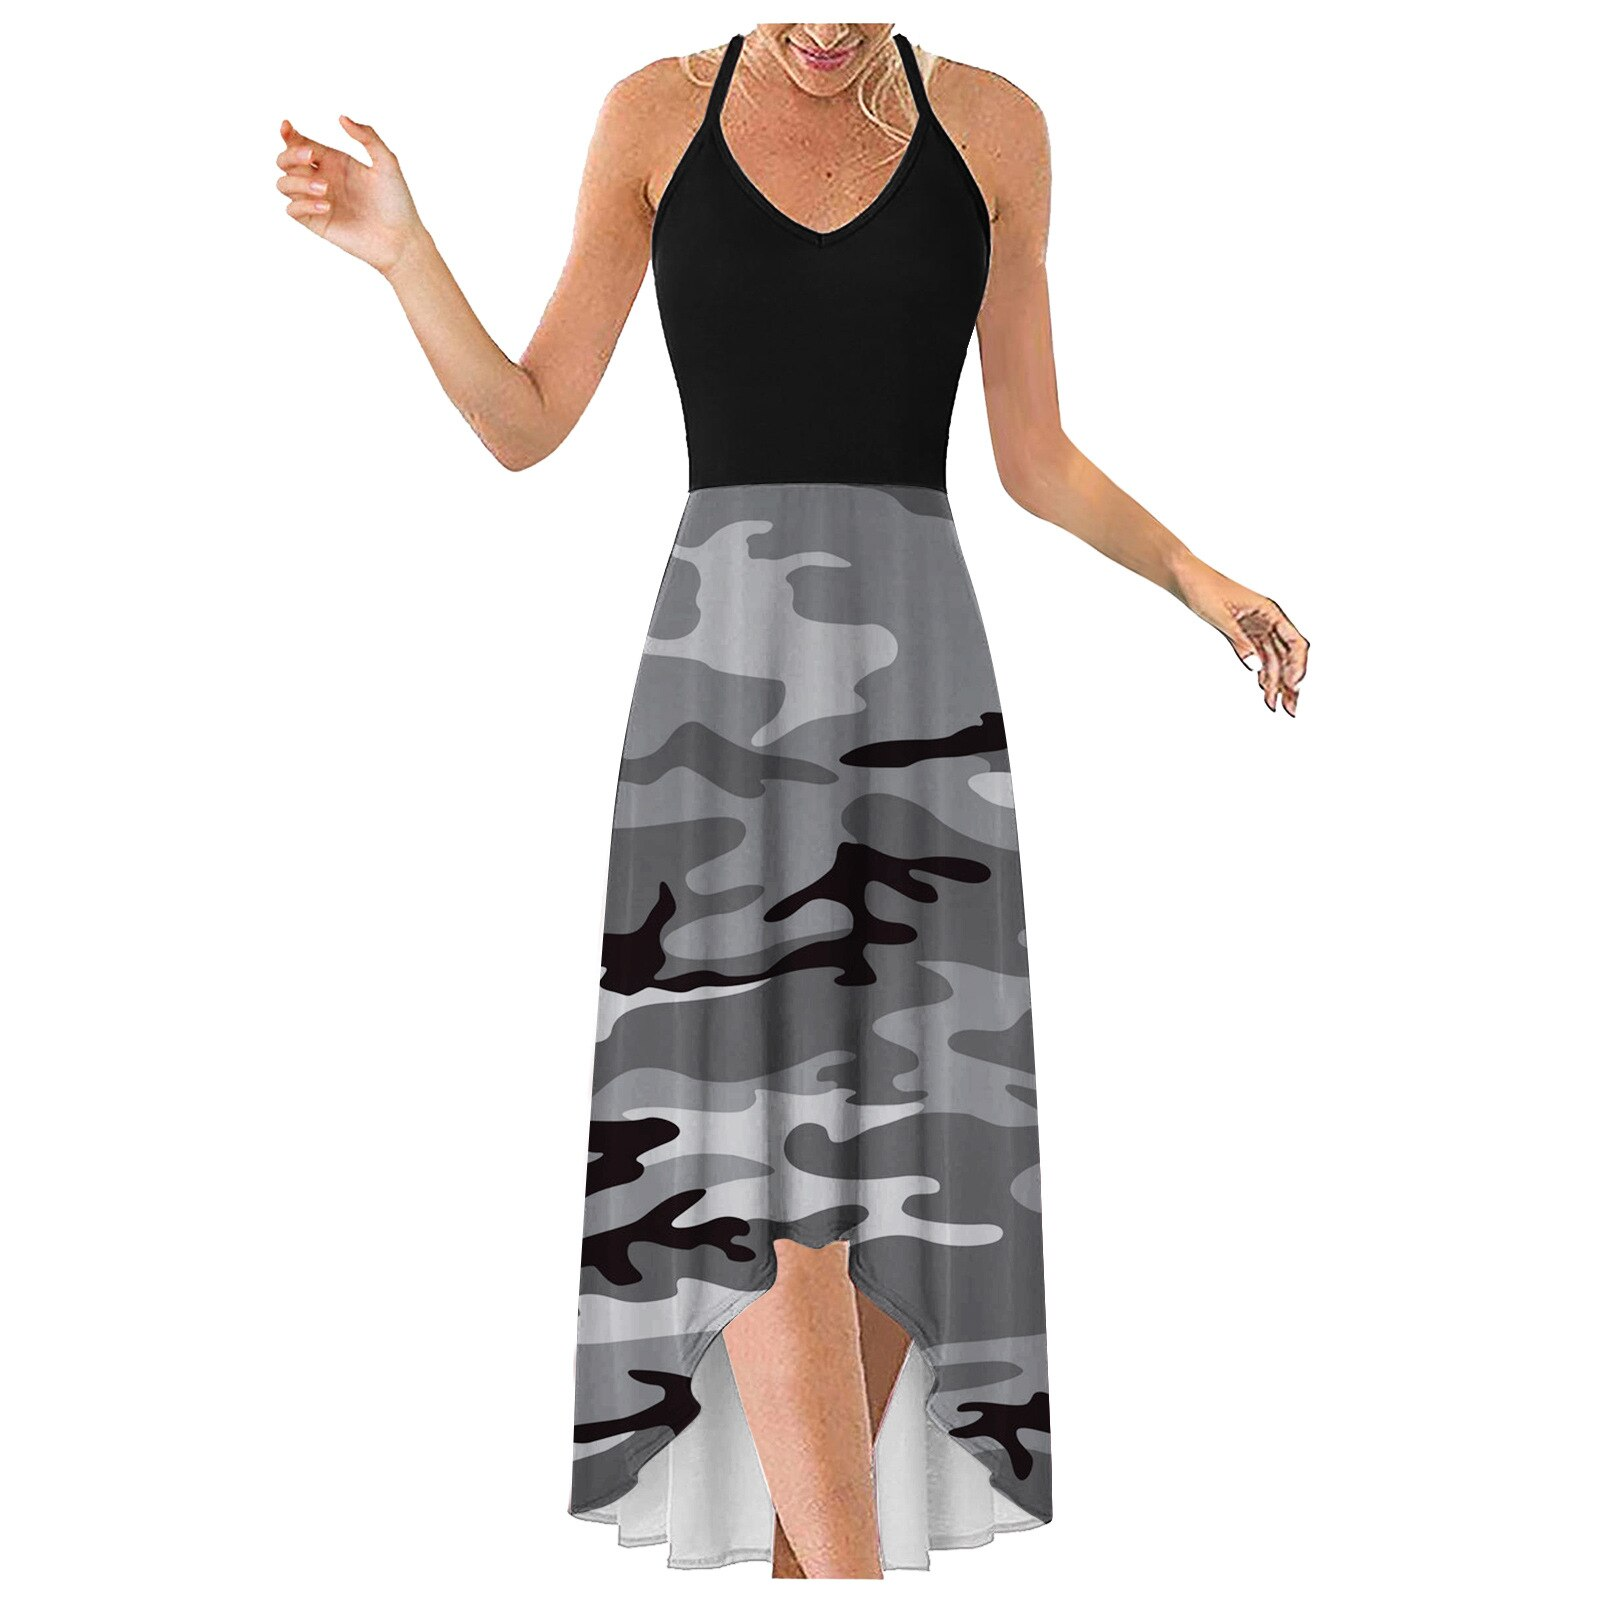 2021 Summer Fashion Stitching Printing Suspender Sexy Slim Women's Dress